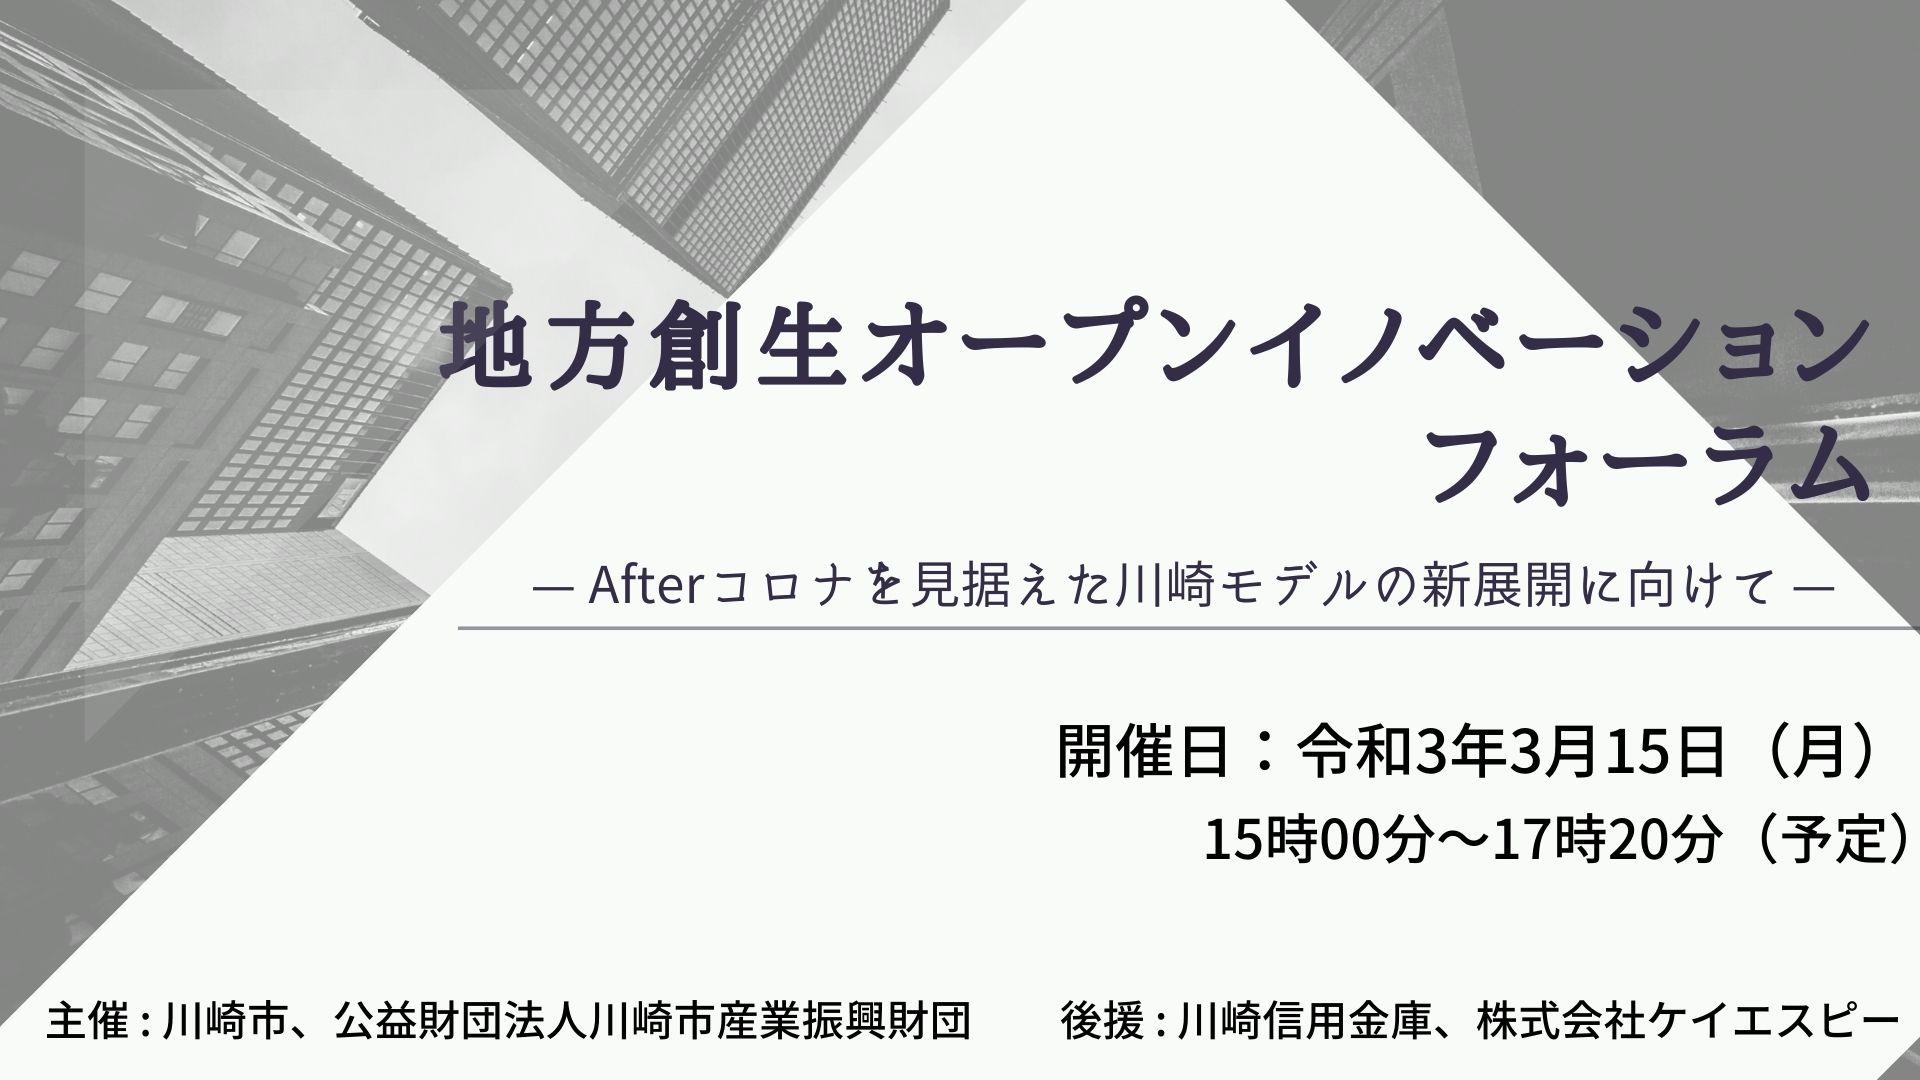 【オンライン/オフライン】地方創生オープンイノベーションフォーラム -Afterコロナを見据えた川崎モデルの新展開に向けて-